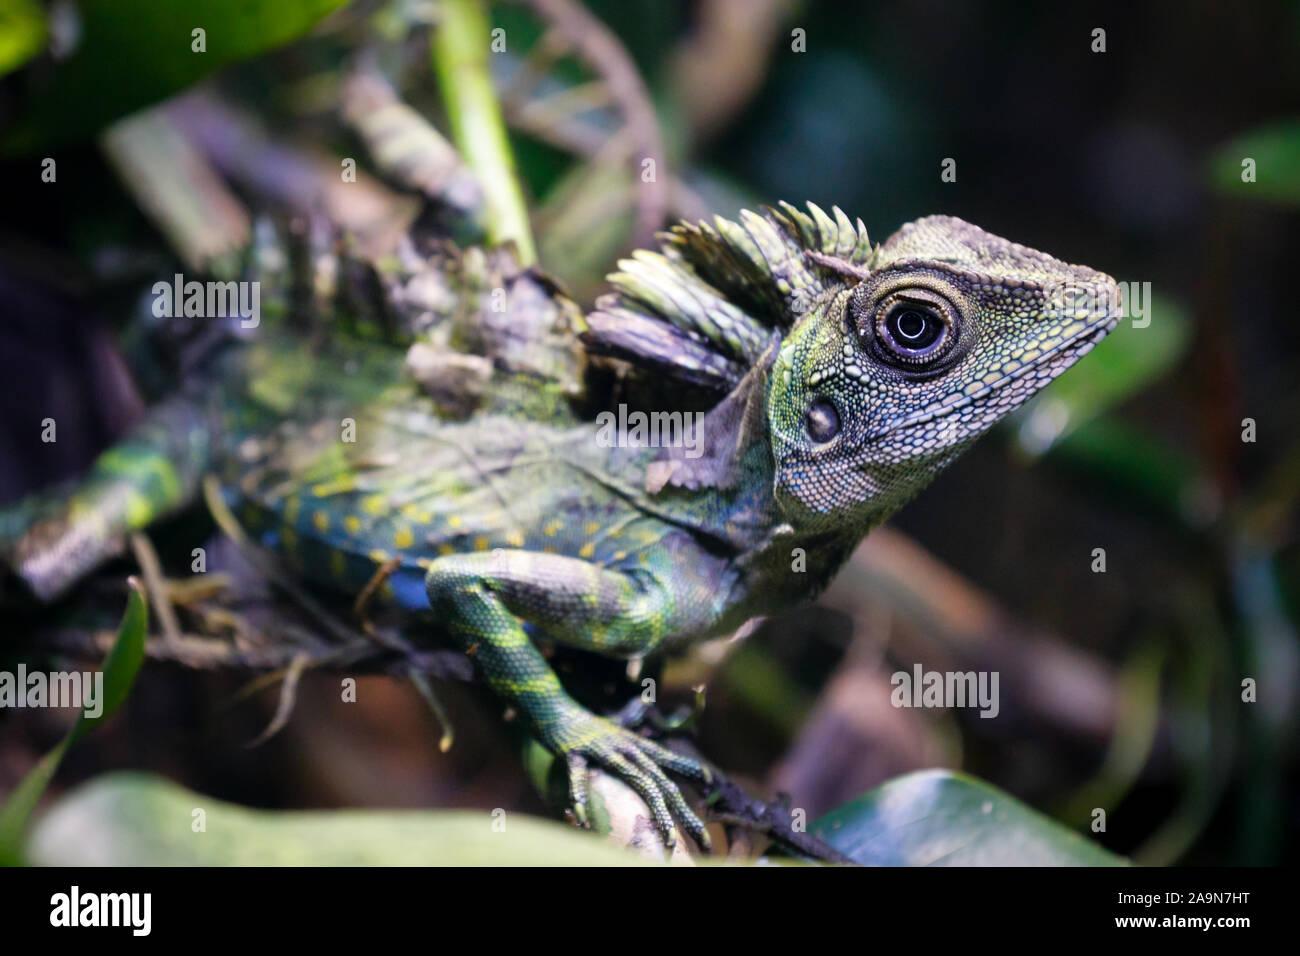 Grande angolo testa lizard Gonocephalus grandis rettile macro immagine Foto Stock